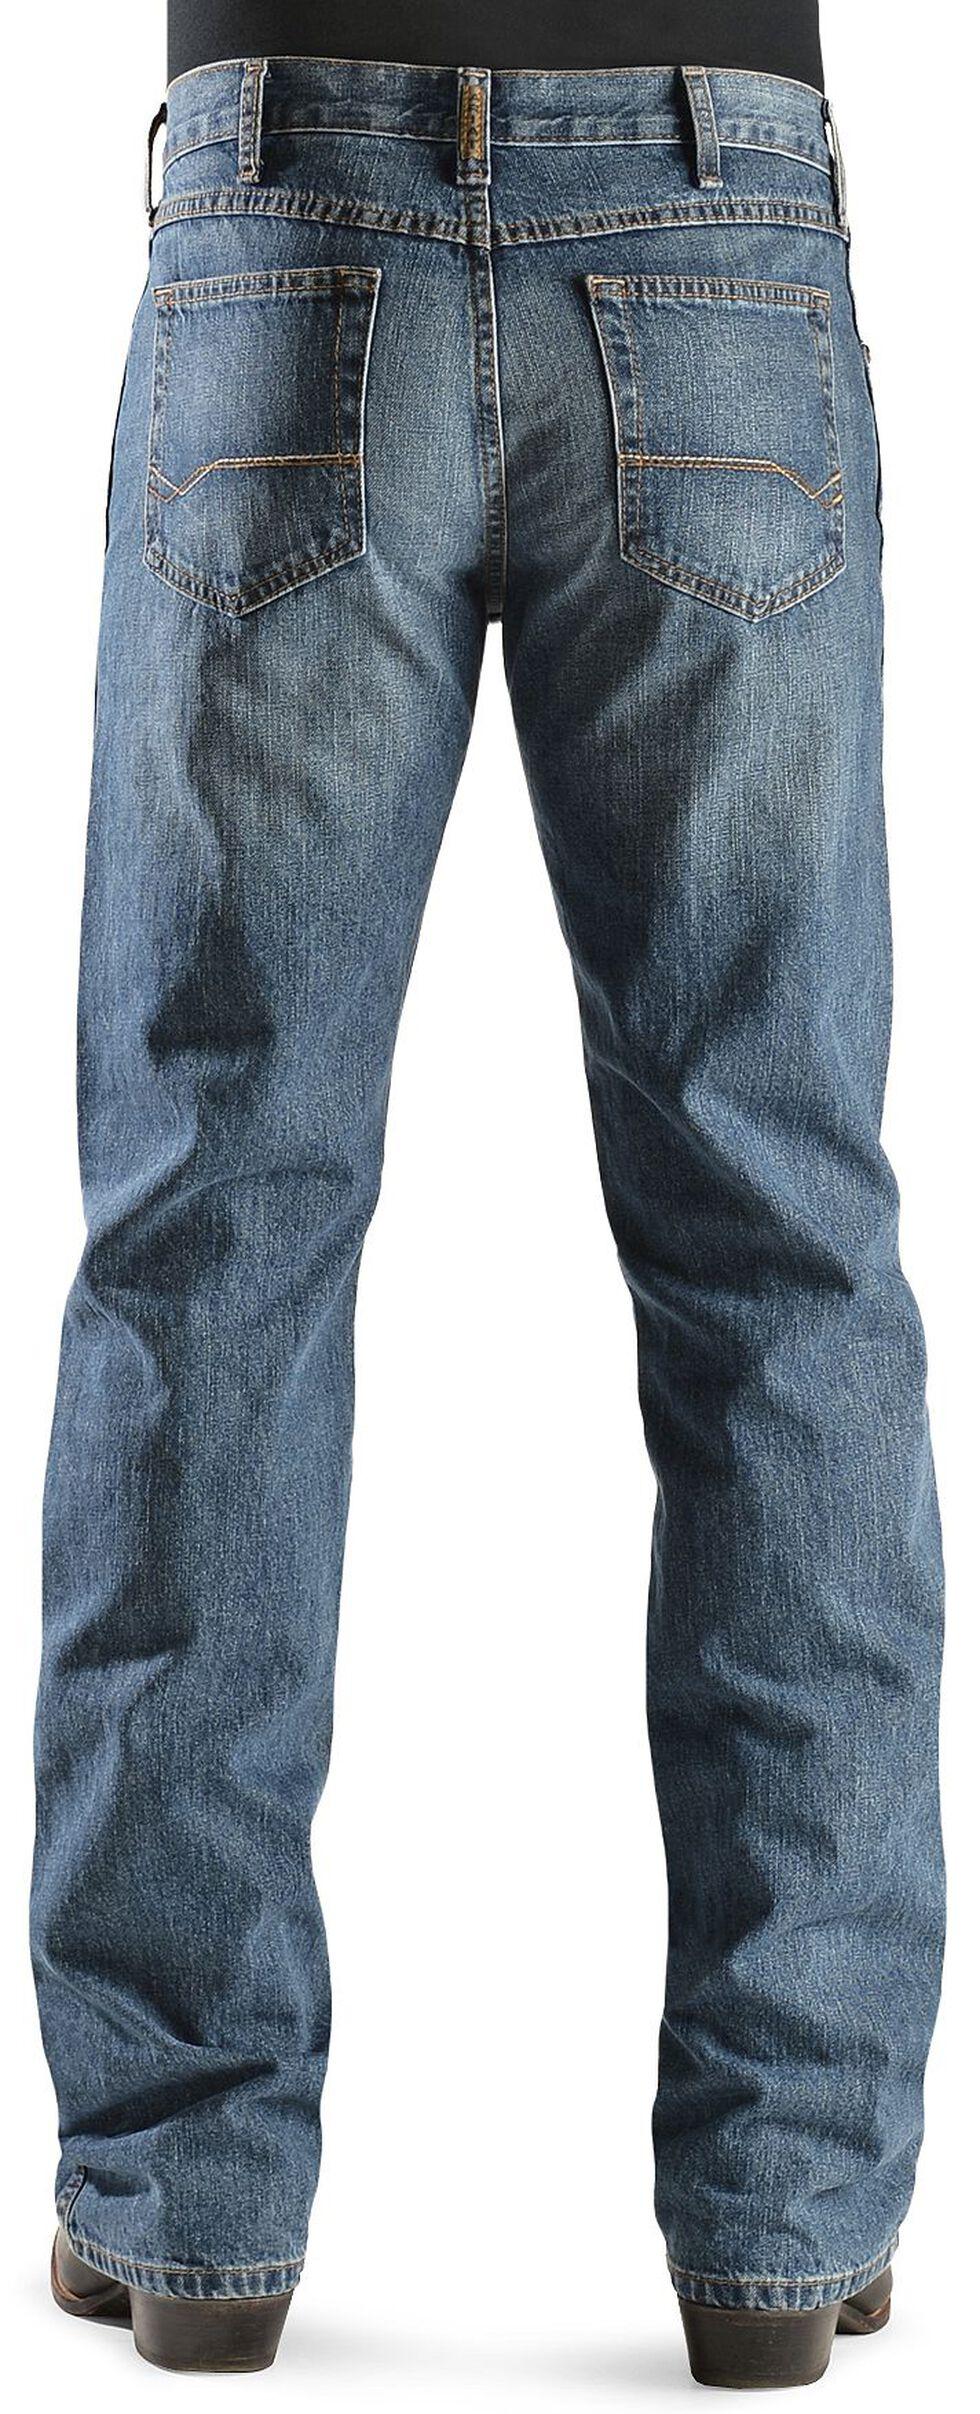 Ariat Denim Jeans - Heritage Medium Stonewash Classic Fit, Med Stone, hi-res